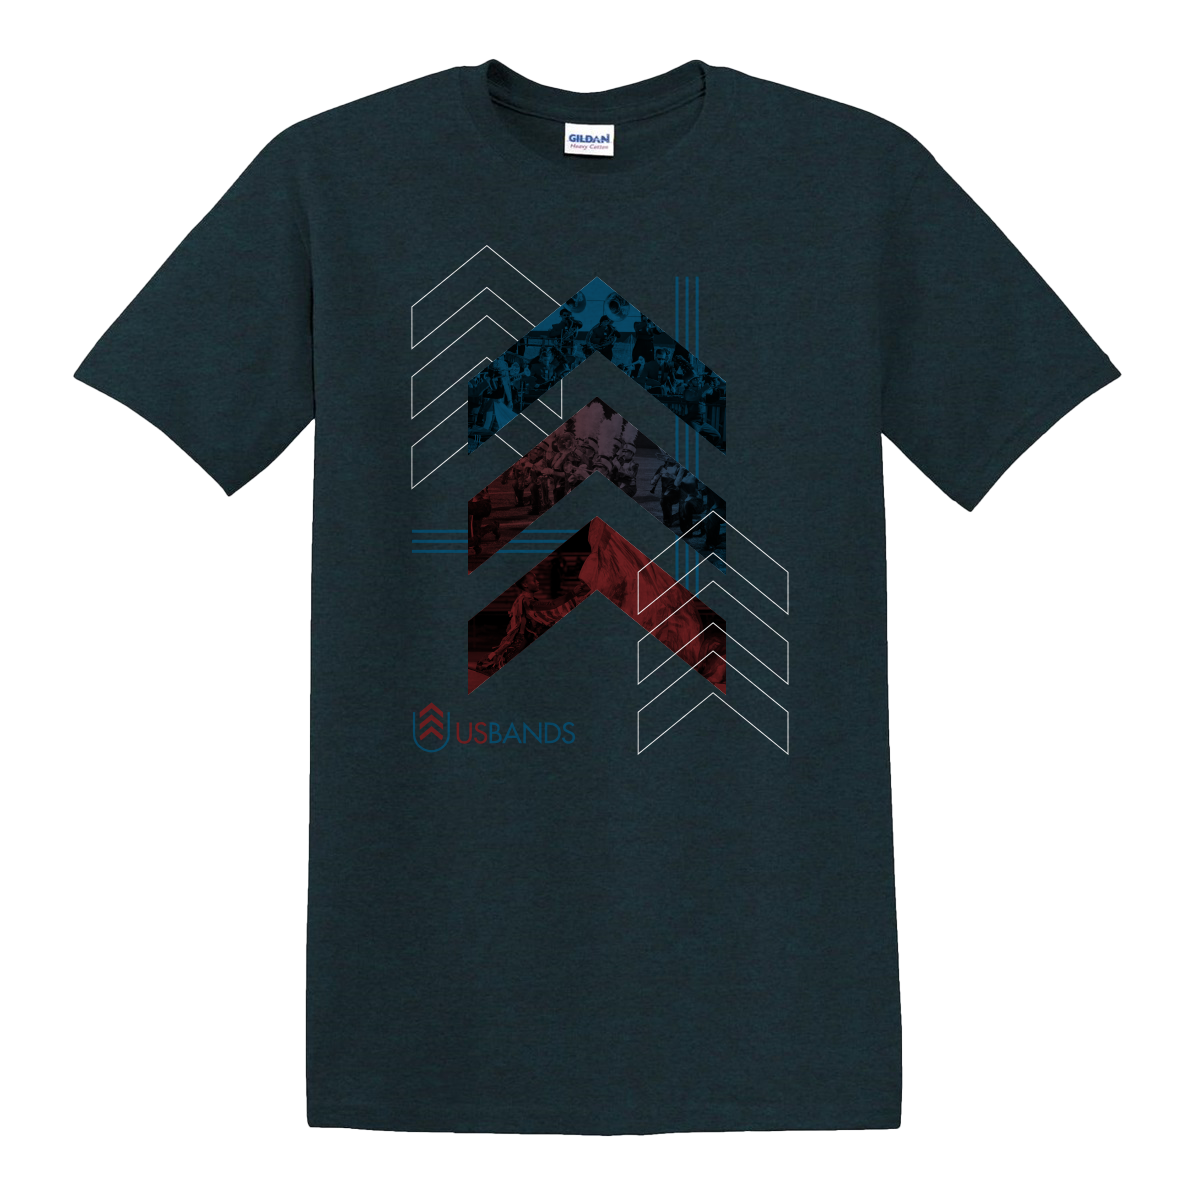 USBands Chevron T-Shirt